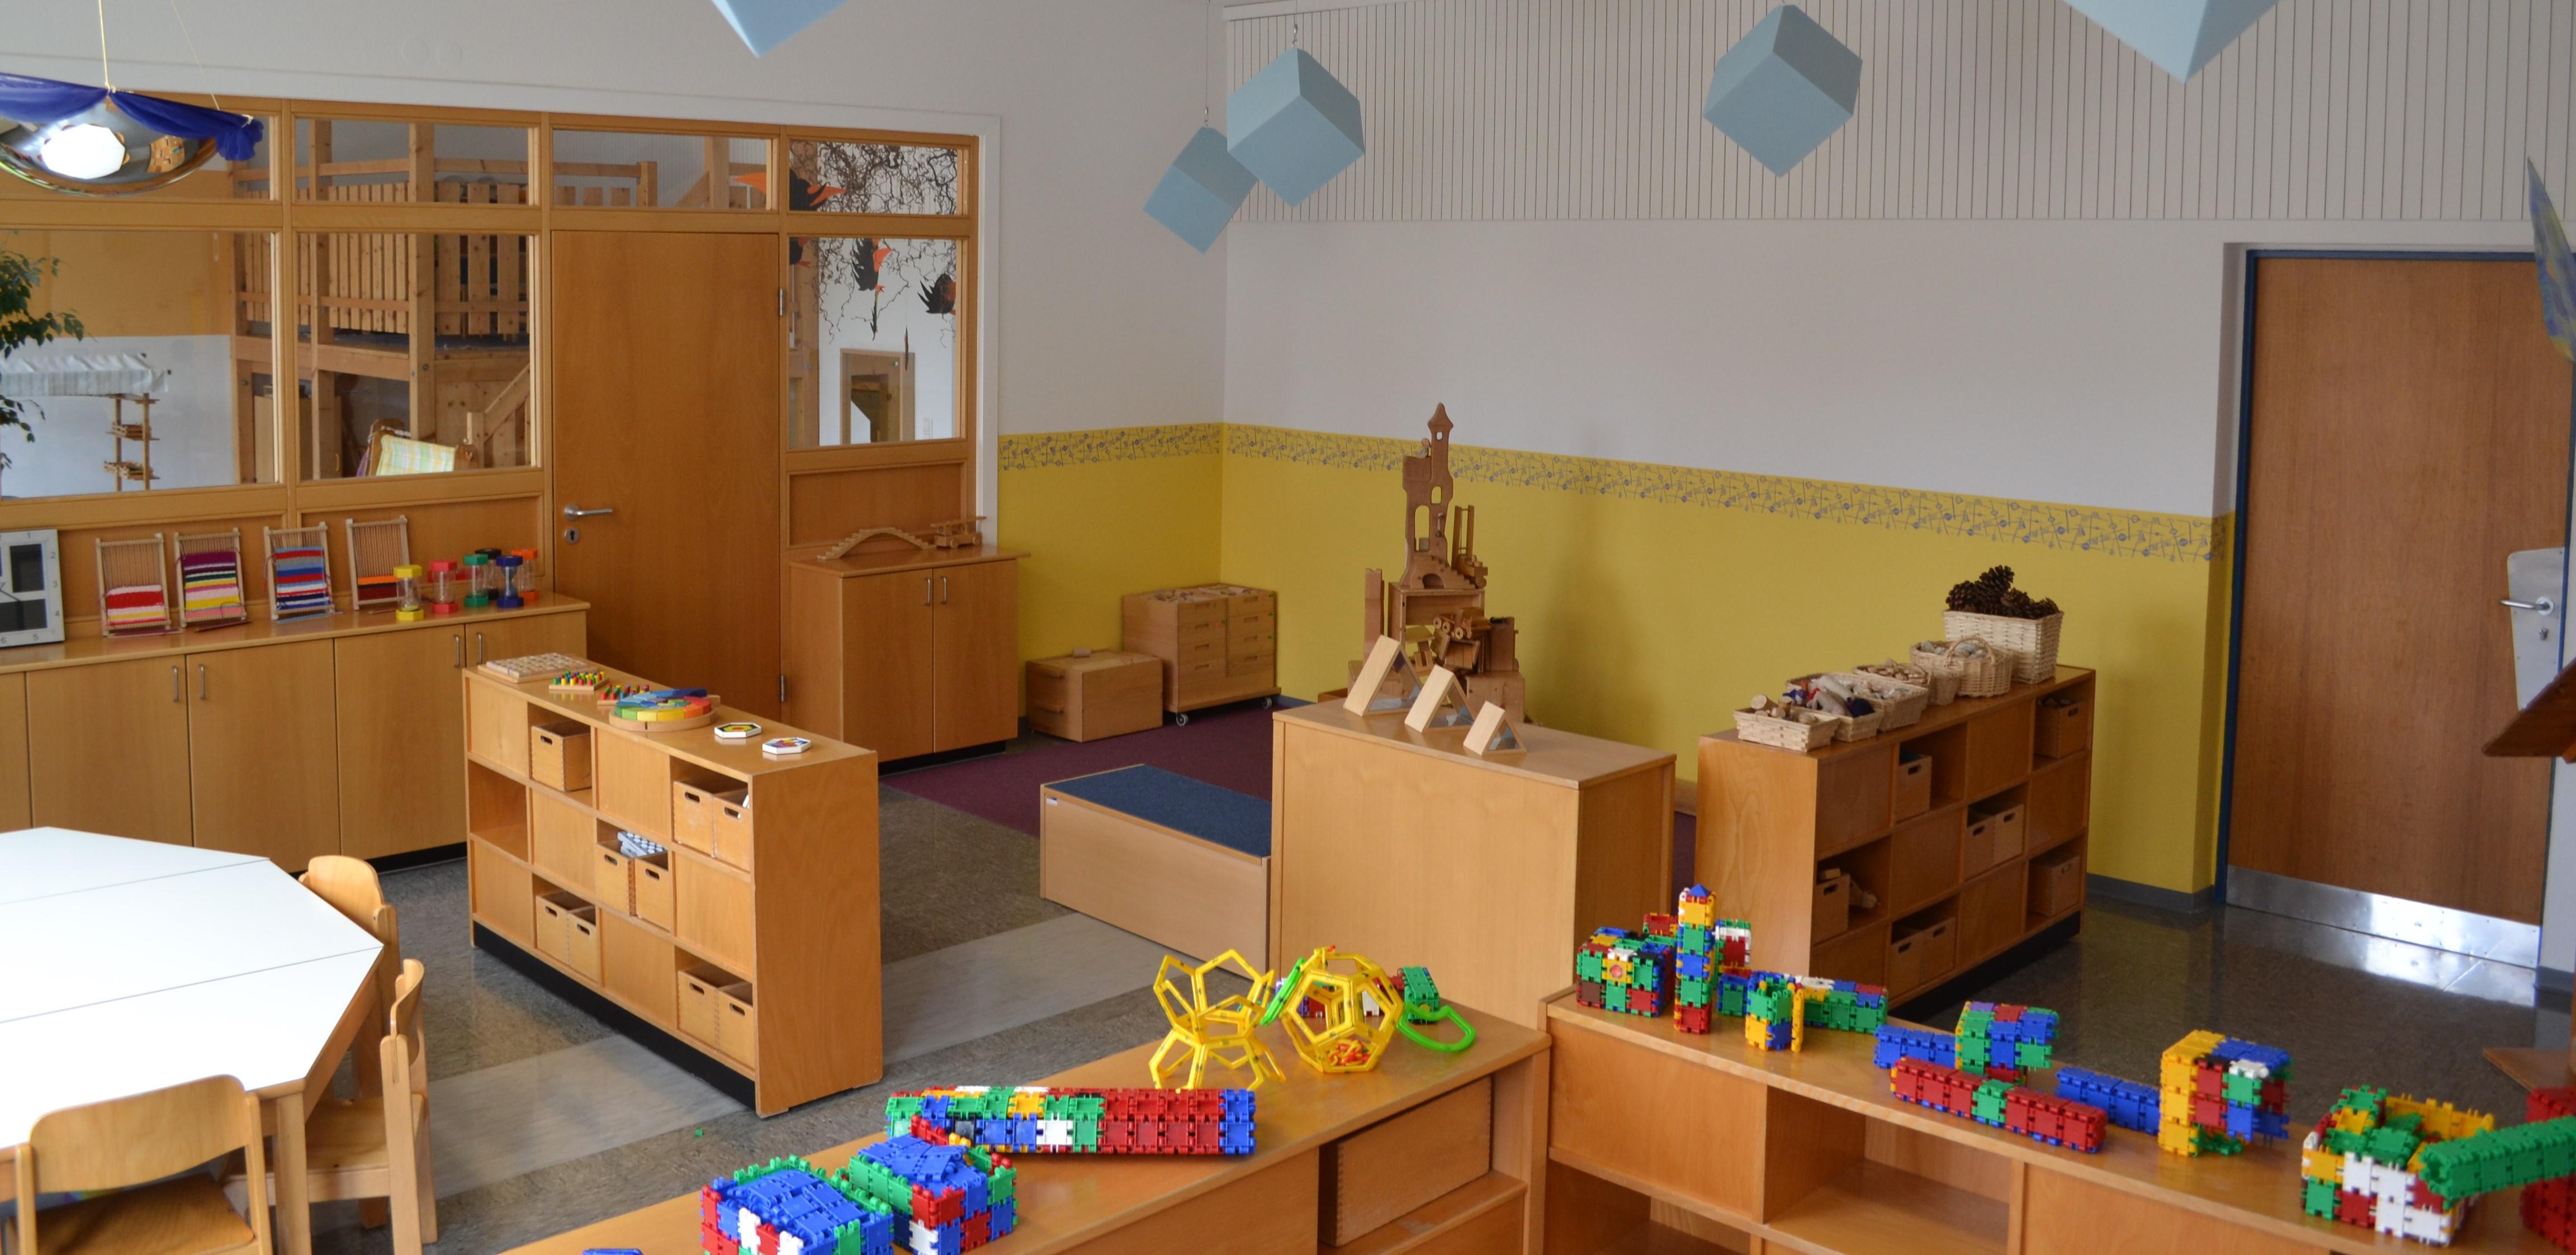 Kindertageseinrichtung Auingen Evang Kirchenbezirk Bad Urach